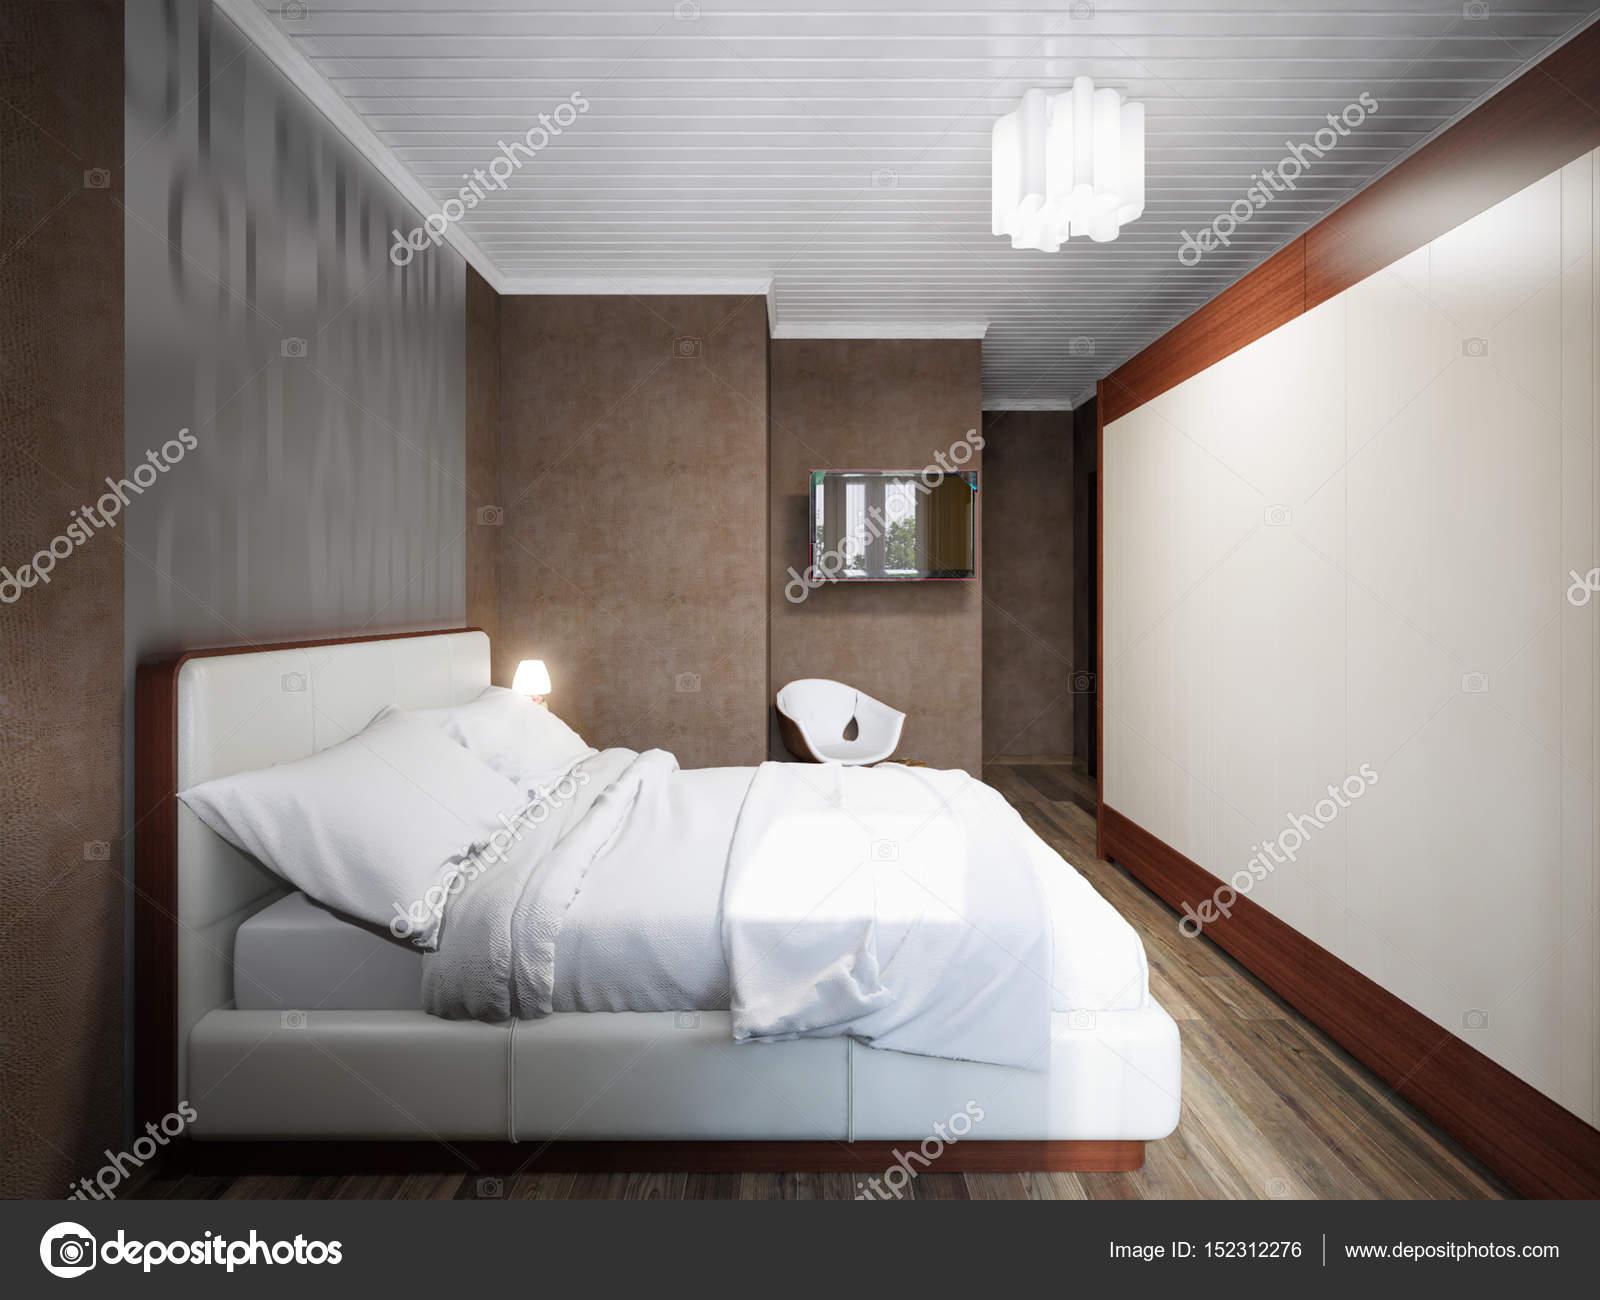 Stedelijke hedendaagse moderne kleine slaapkamer interieur design